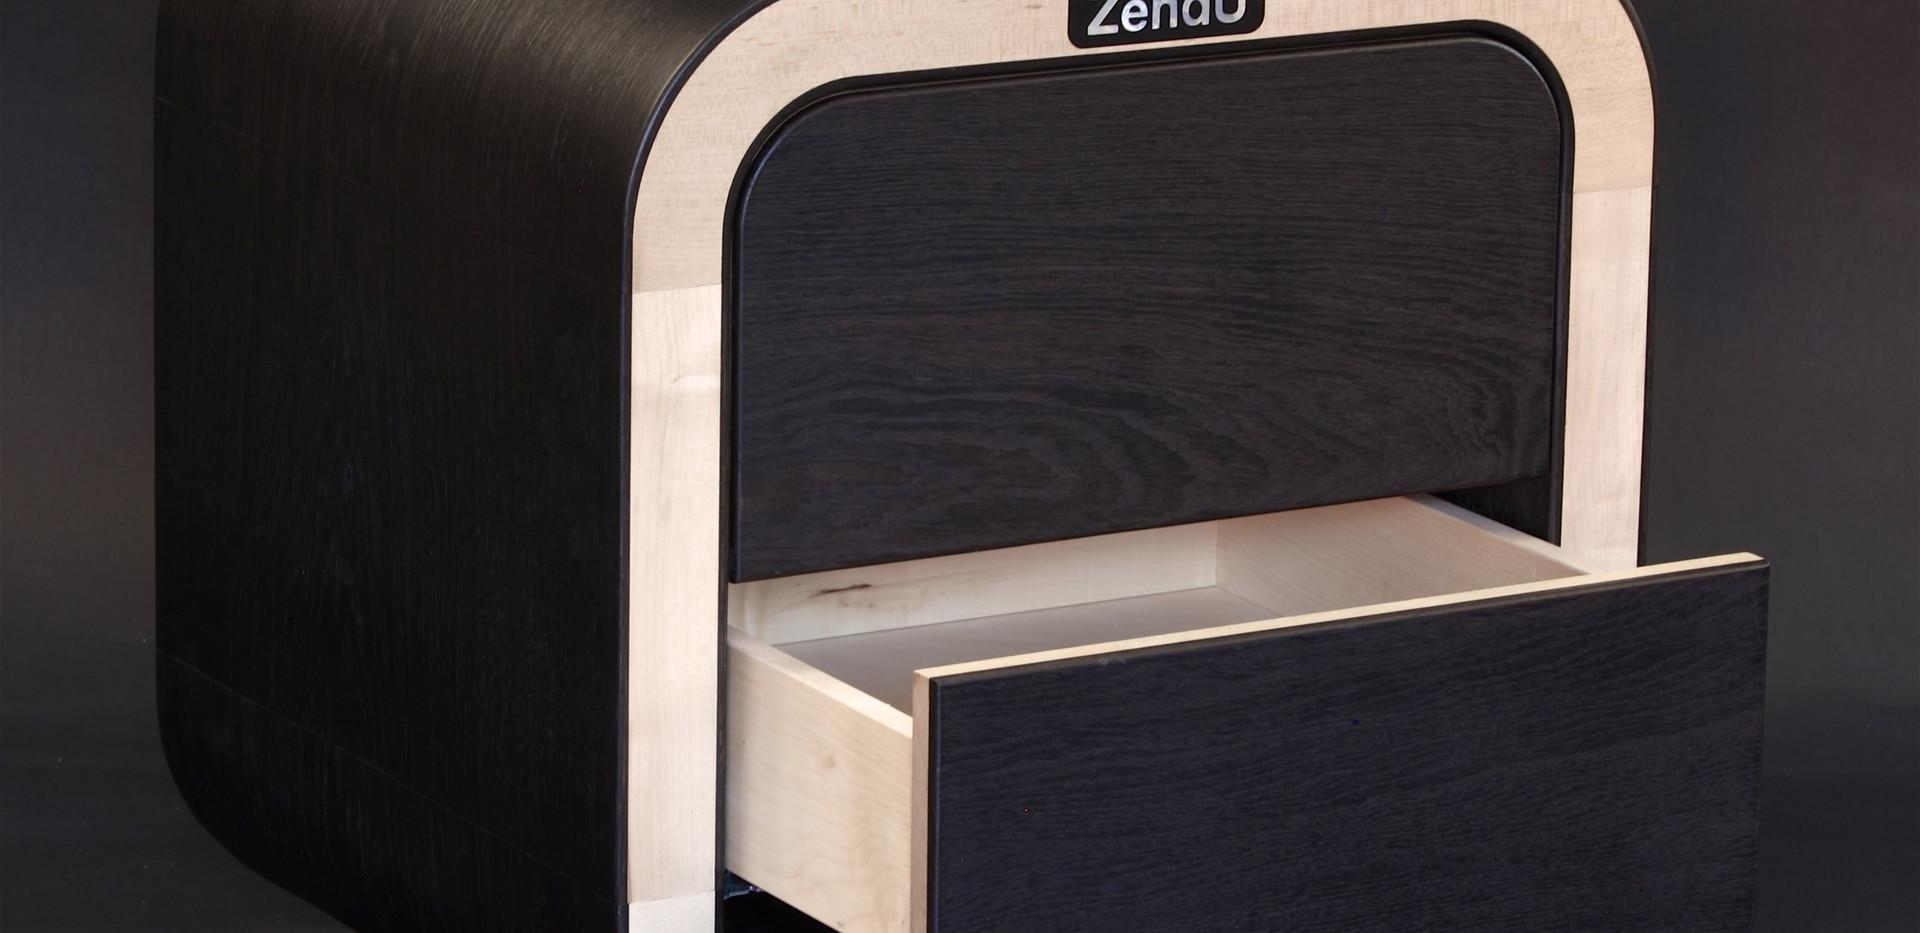 Zendu-pedestal-bog-oak.jpg